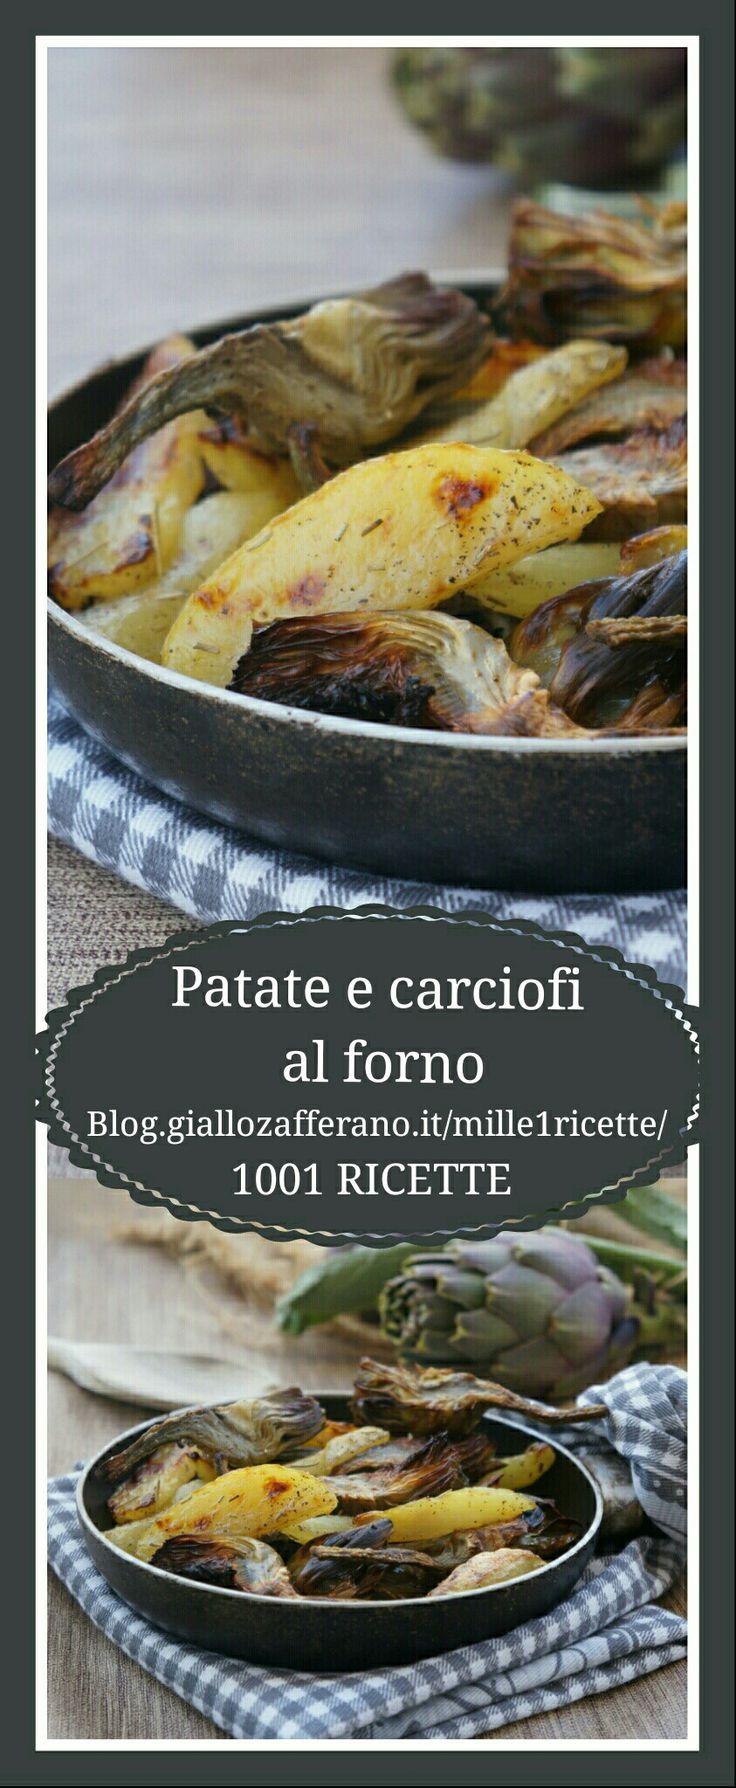 Patate e carciofi cotti al forno  Devi provare assolutamente  Troppo buoni  http://blog.giallozafferano.it/mille1ricette/patate-e-carciofi-al-forno/